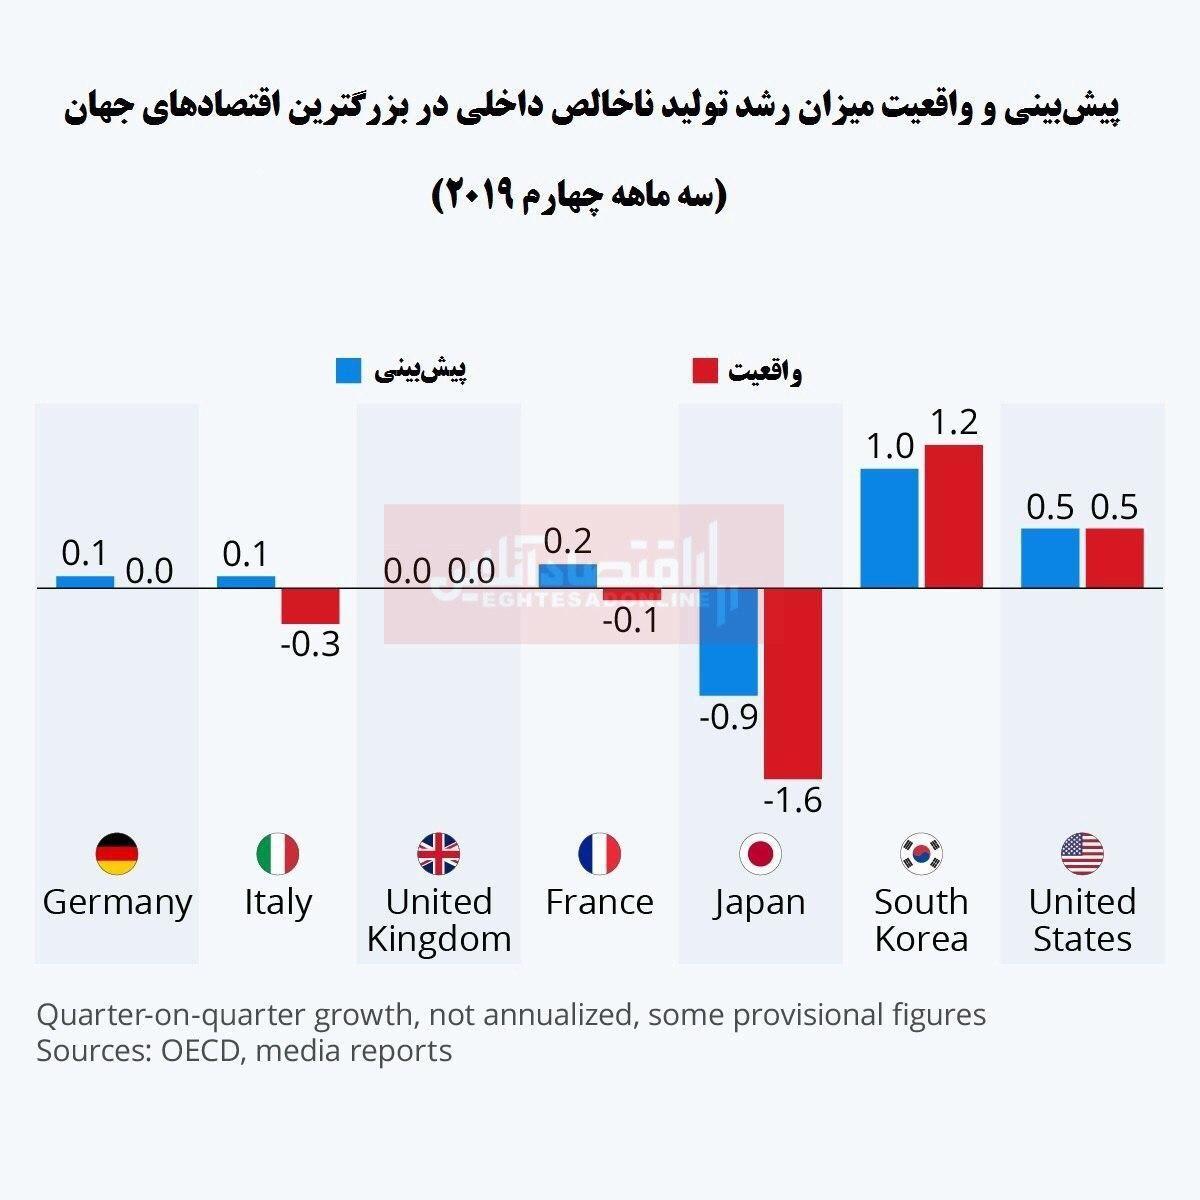 بررسی وضعیت تولید ناخالص داخلی اقتصادهای قدرتمند جهان/ رشد ژاپن به پایینترین حد 5ساله رسید